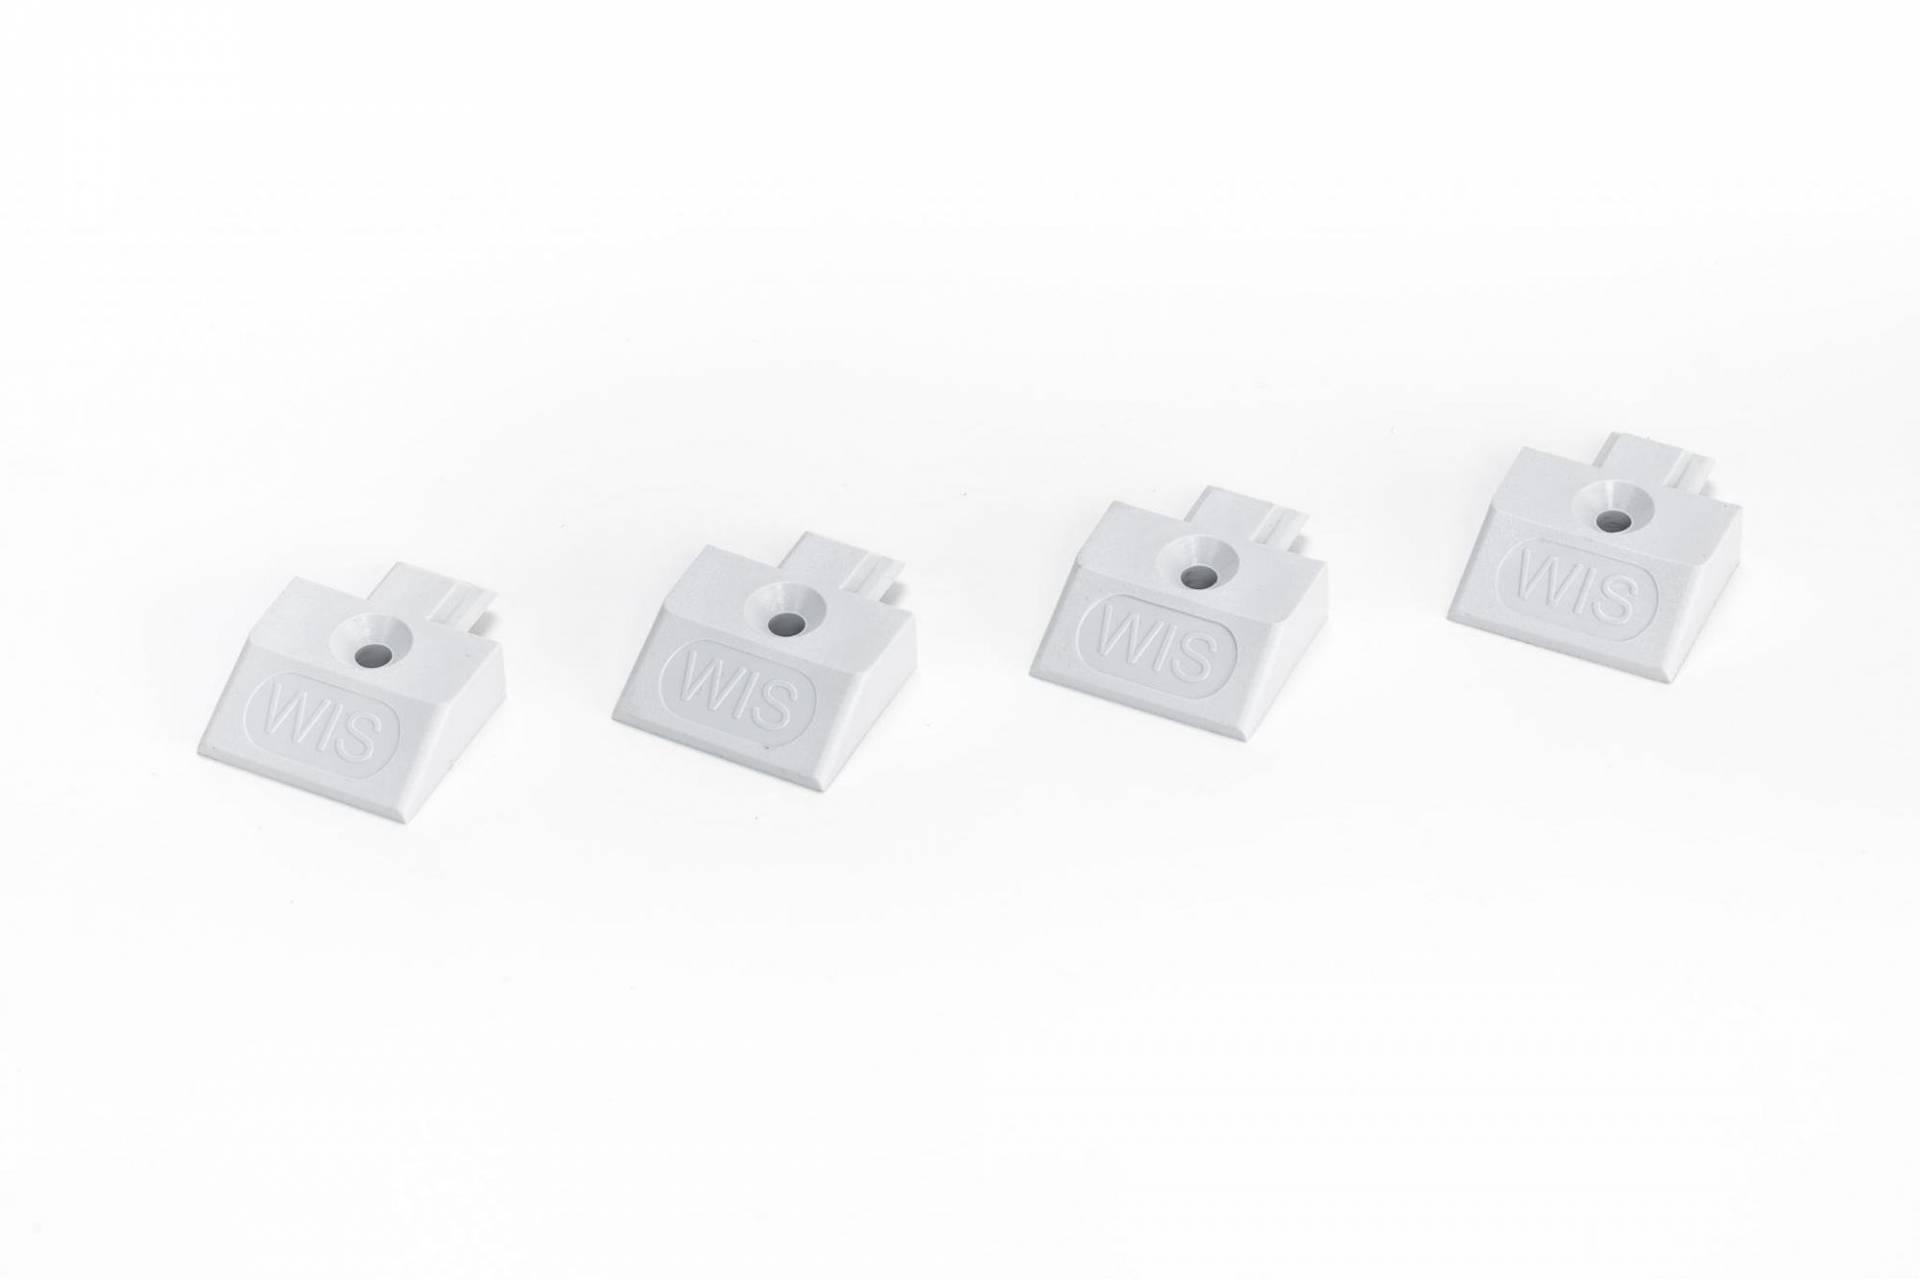 eckig flache Form,grau 4x Endkappe Einsteckkappe für Airlineschiene Zurrschiene